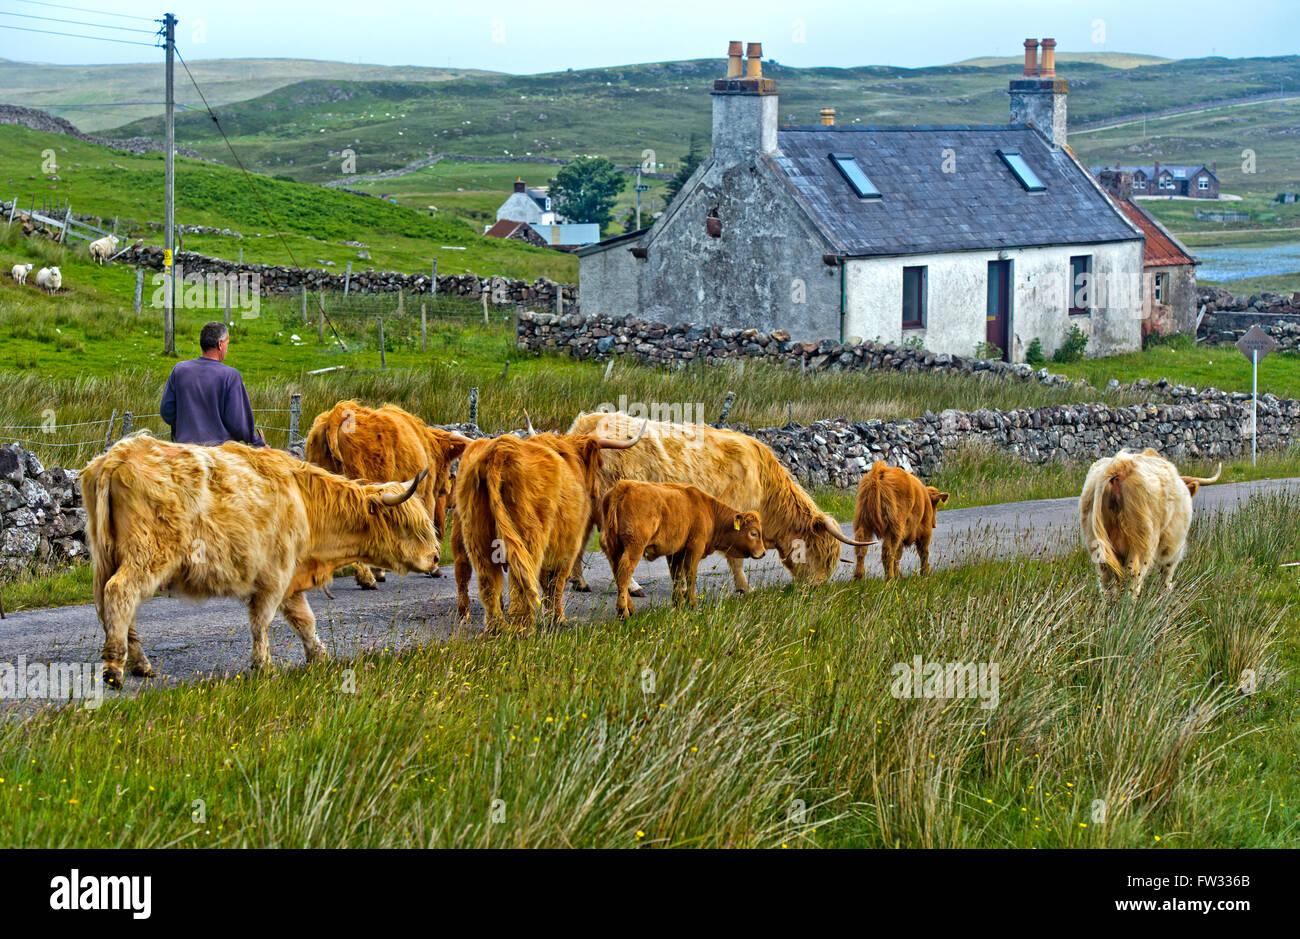 Highland Cattle (Bos taurus) or Kyloe, herd walking across ...